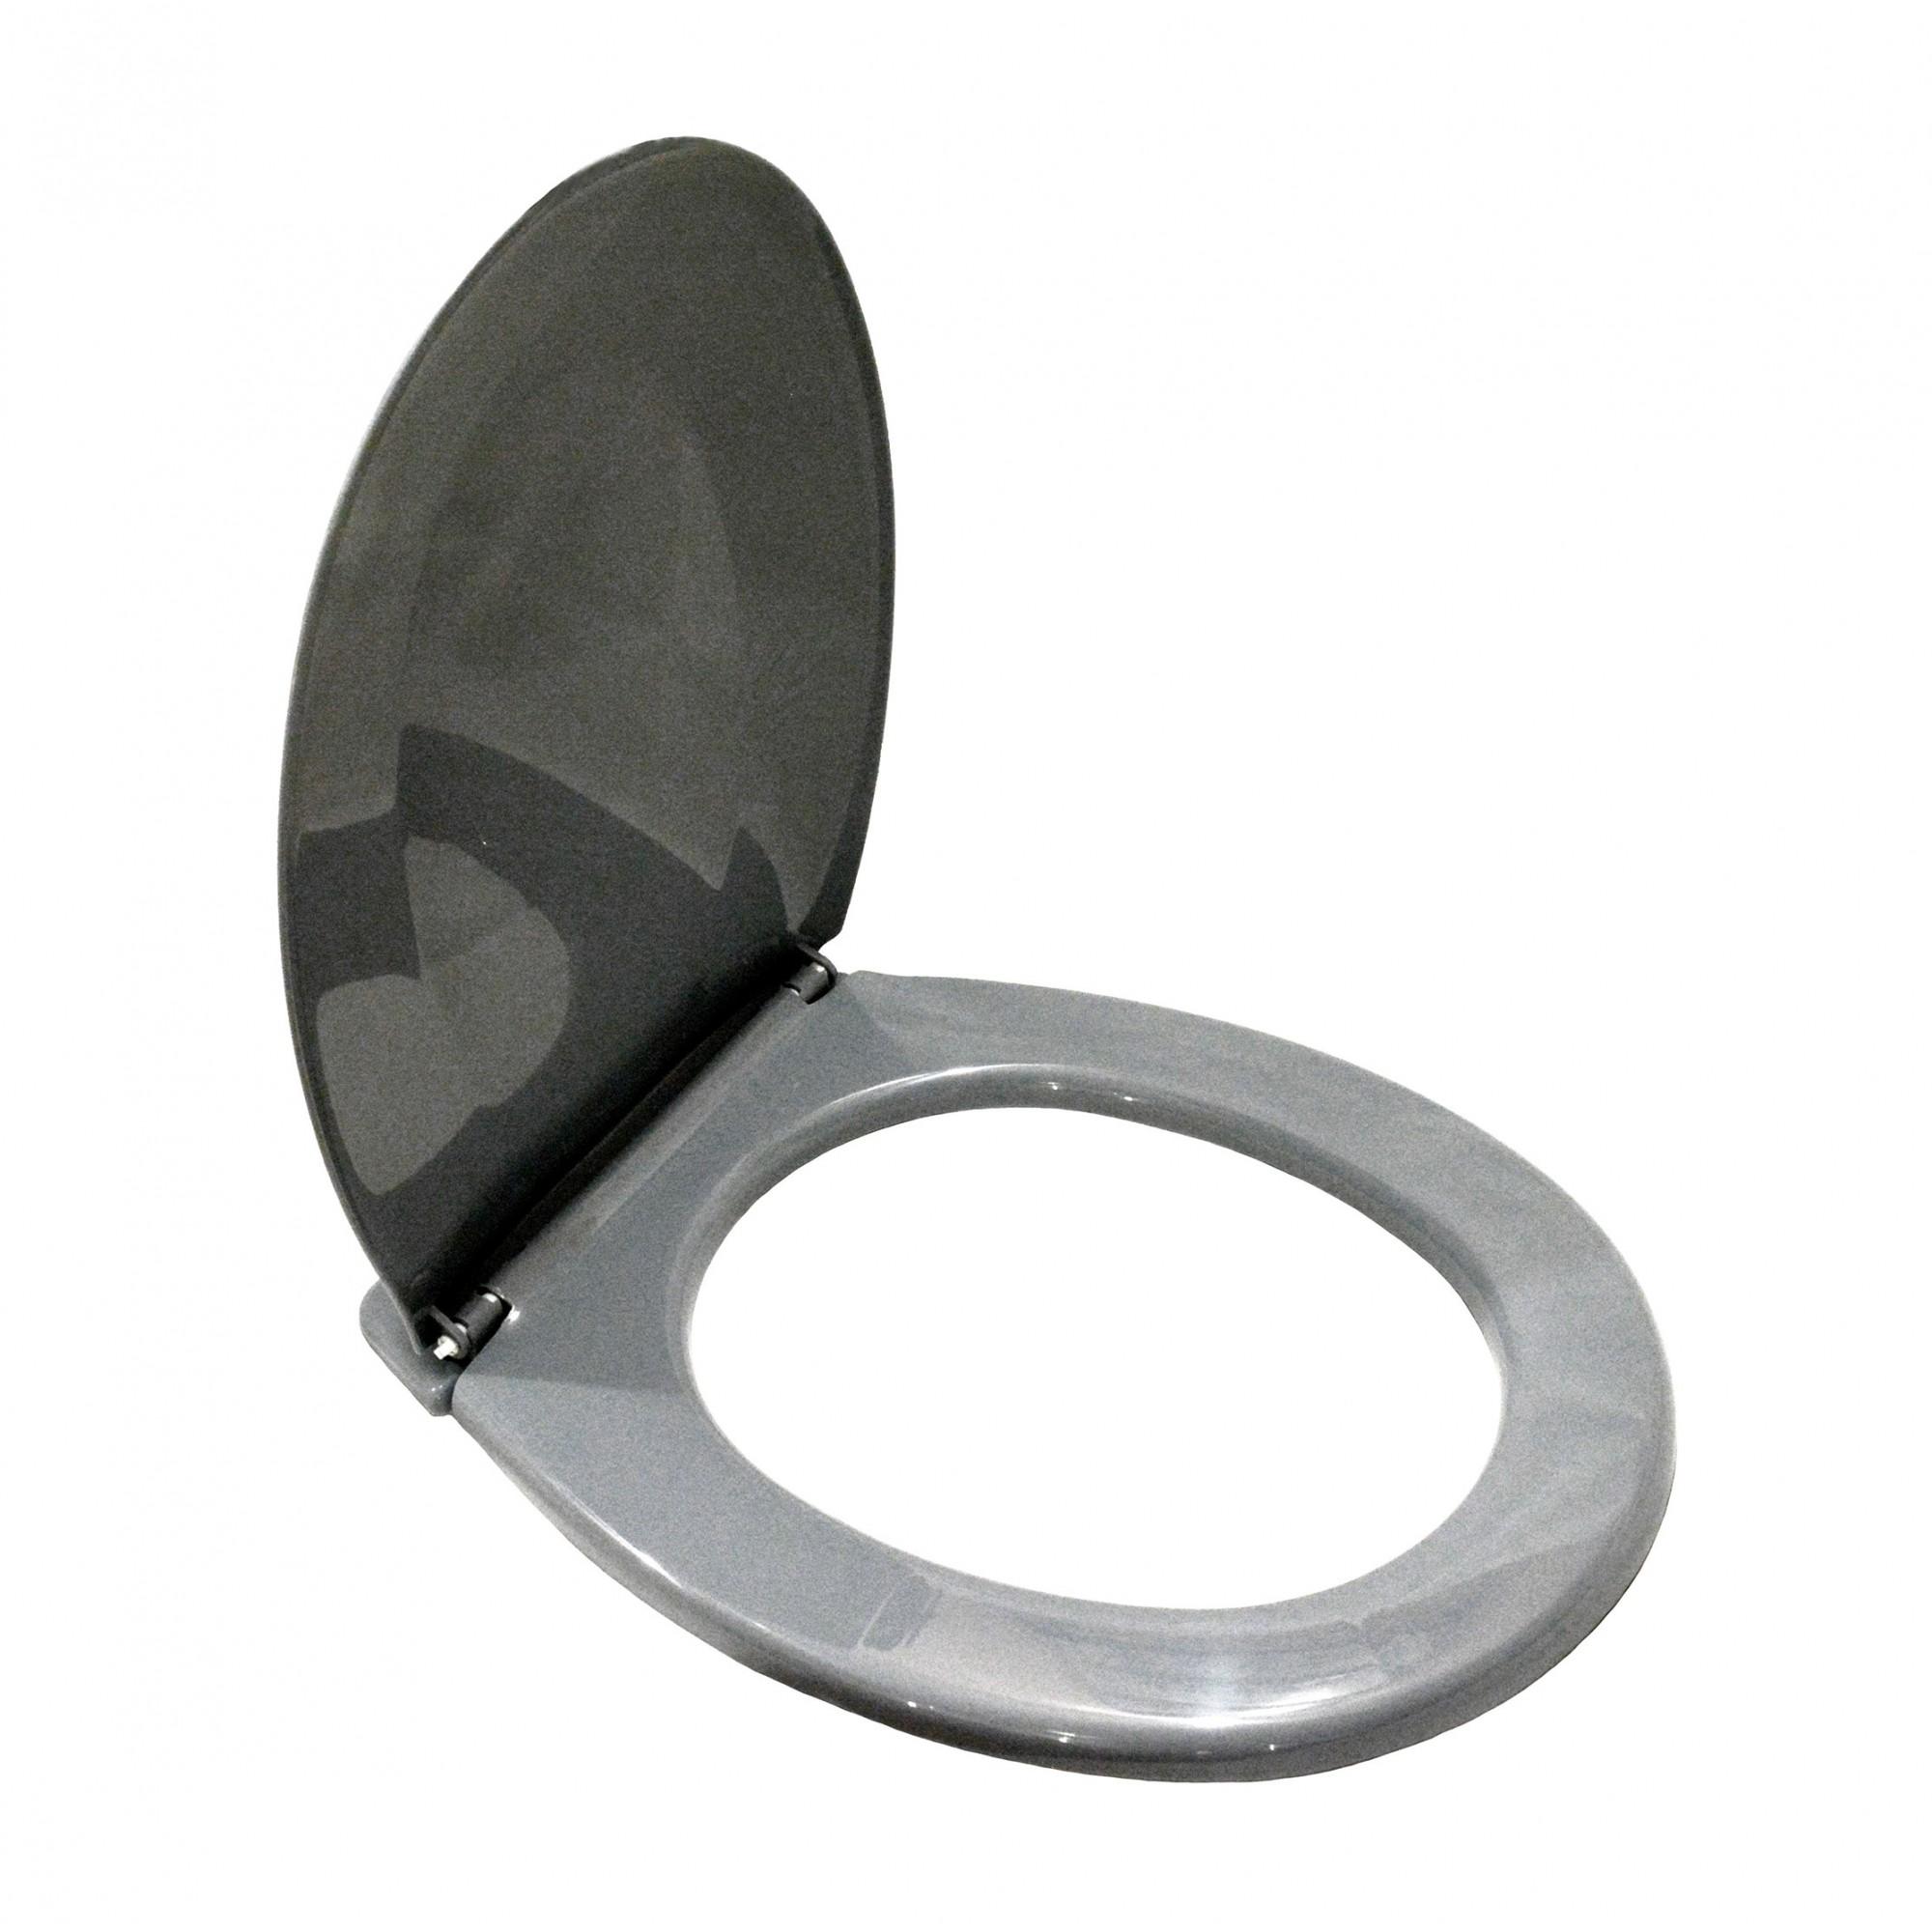 Крышка для унитаза белая SYDANIT СД 21, полиропилен, металлик SYDANIT - 3